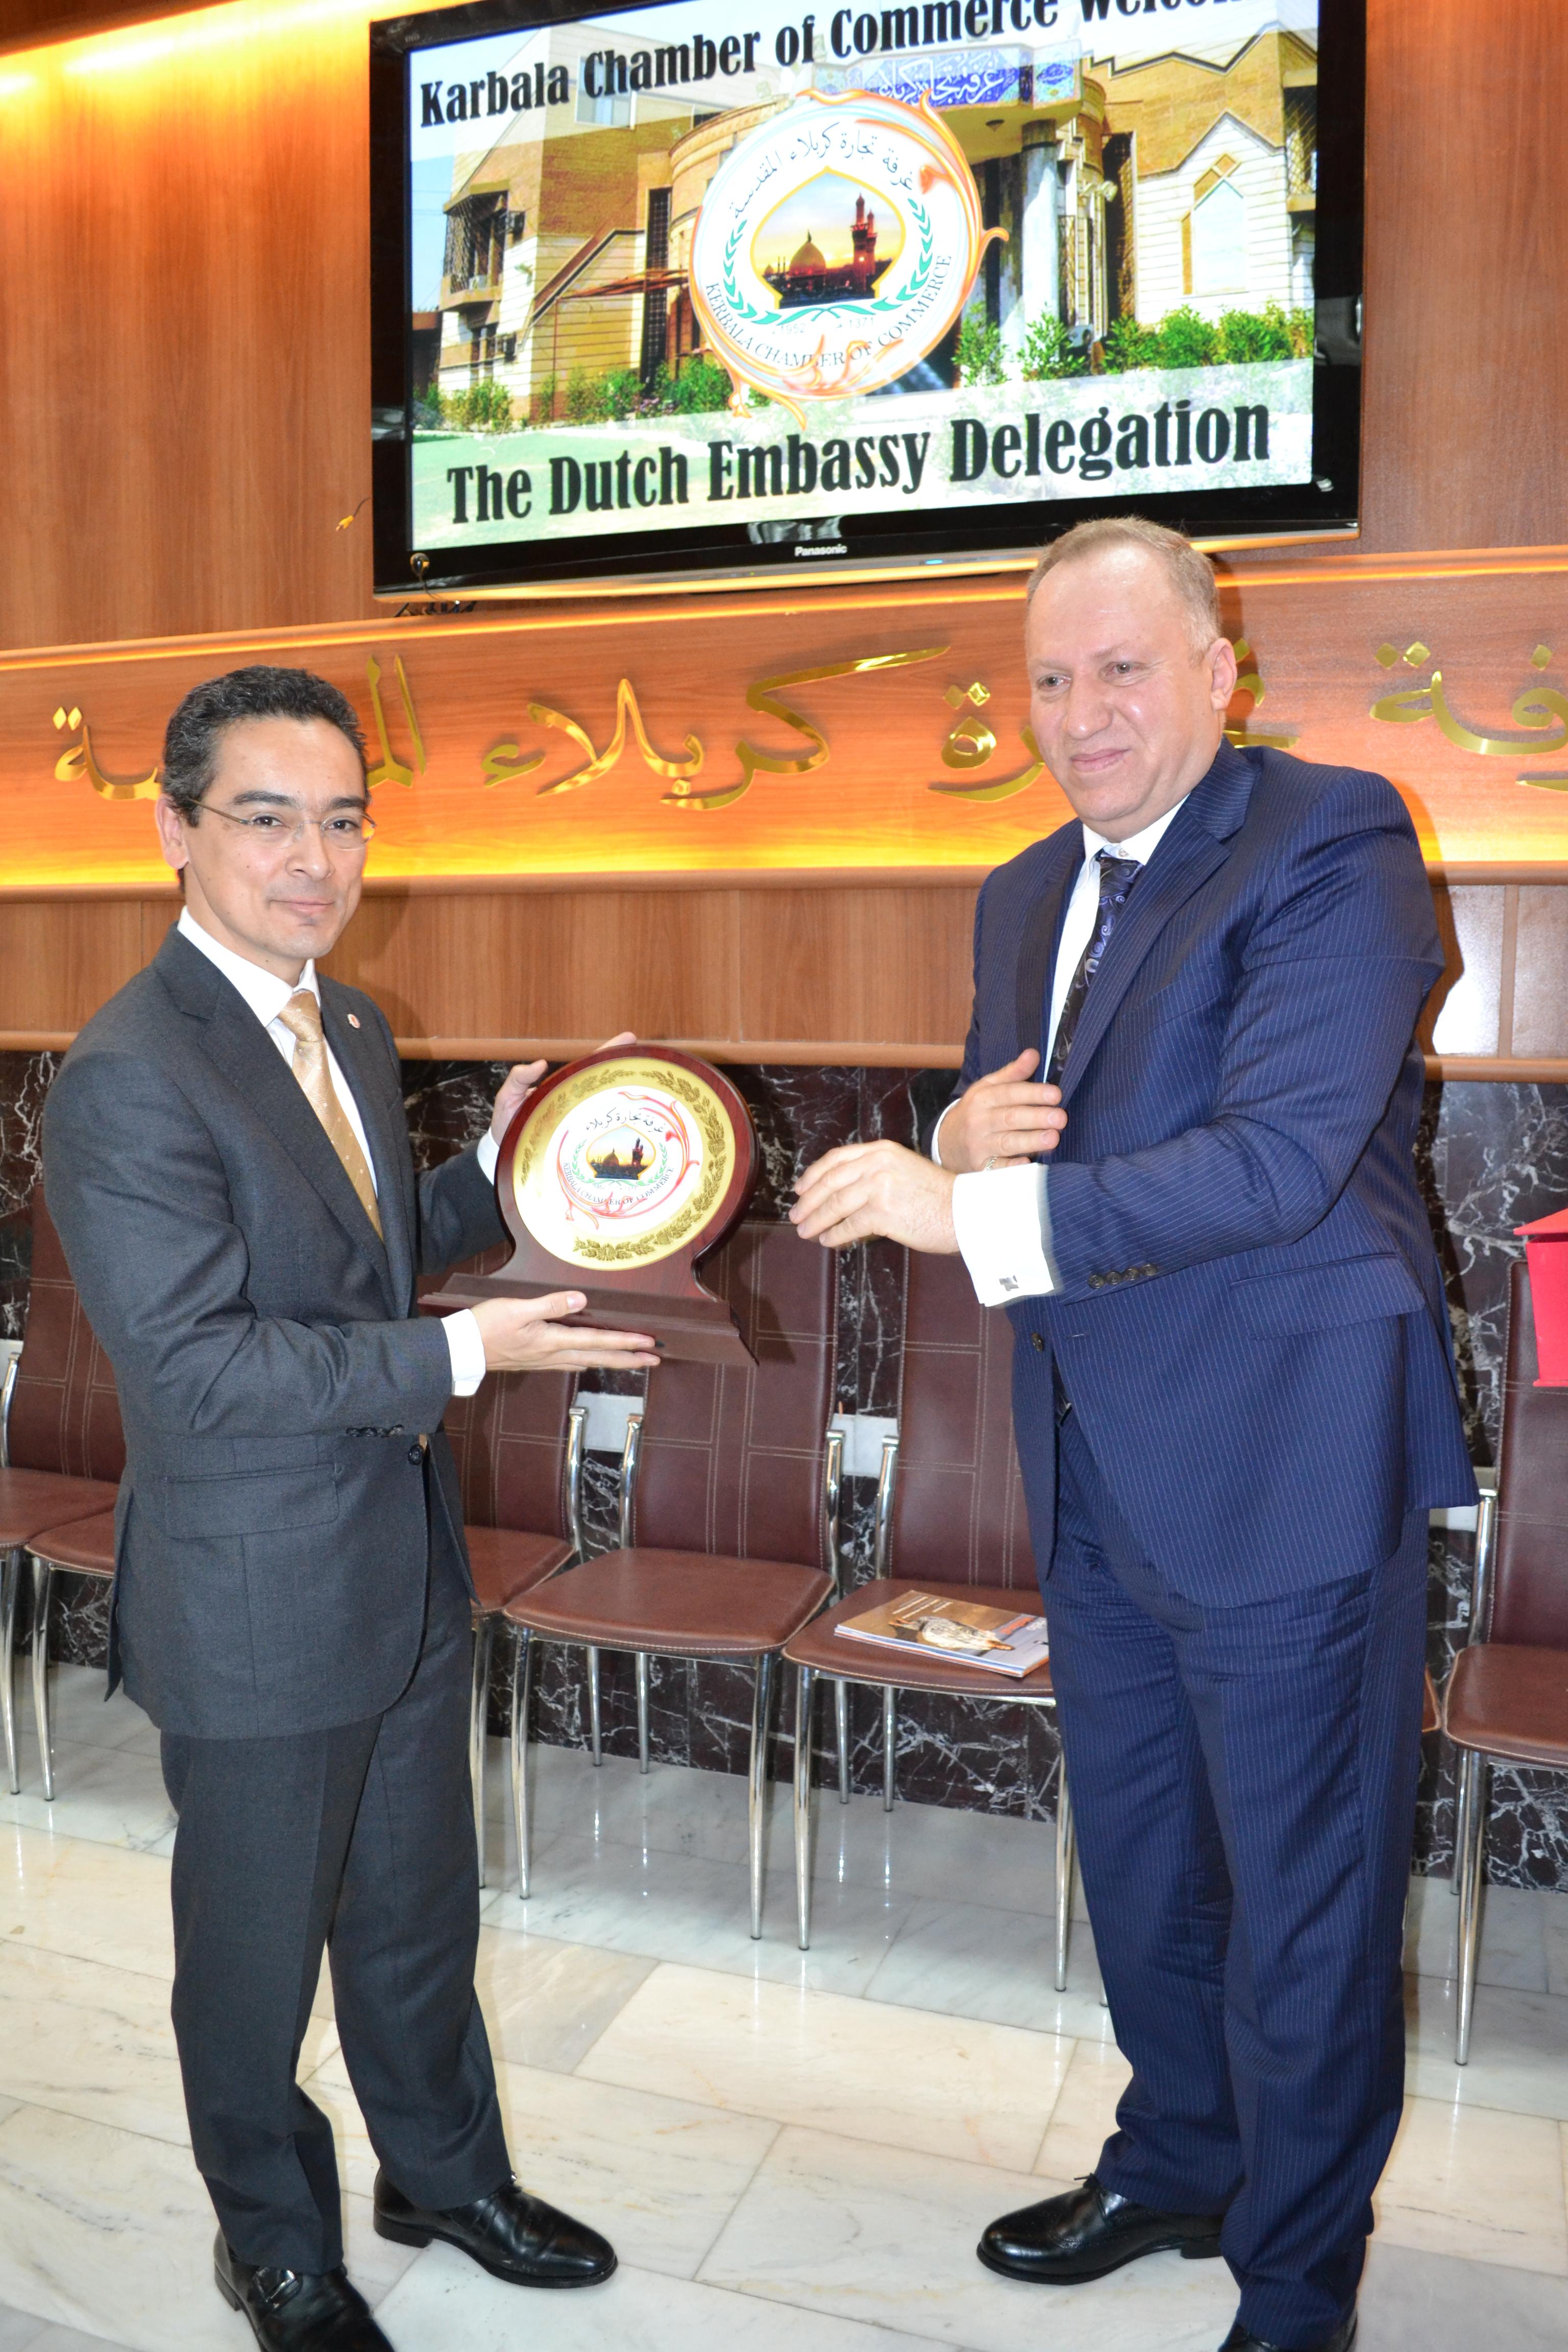 زيارة نائب السفير الهولندي في العراق مبنى غرفة تجارة كربلاء